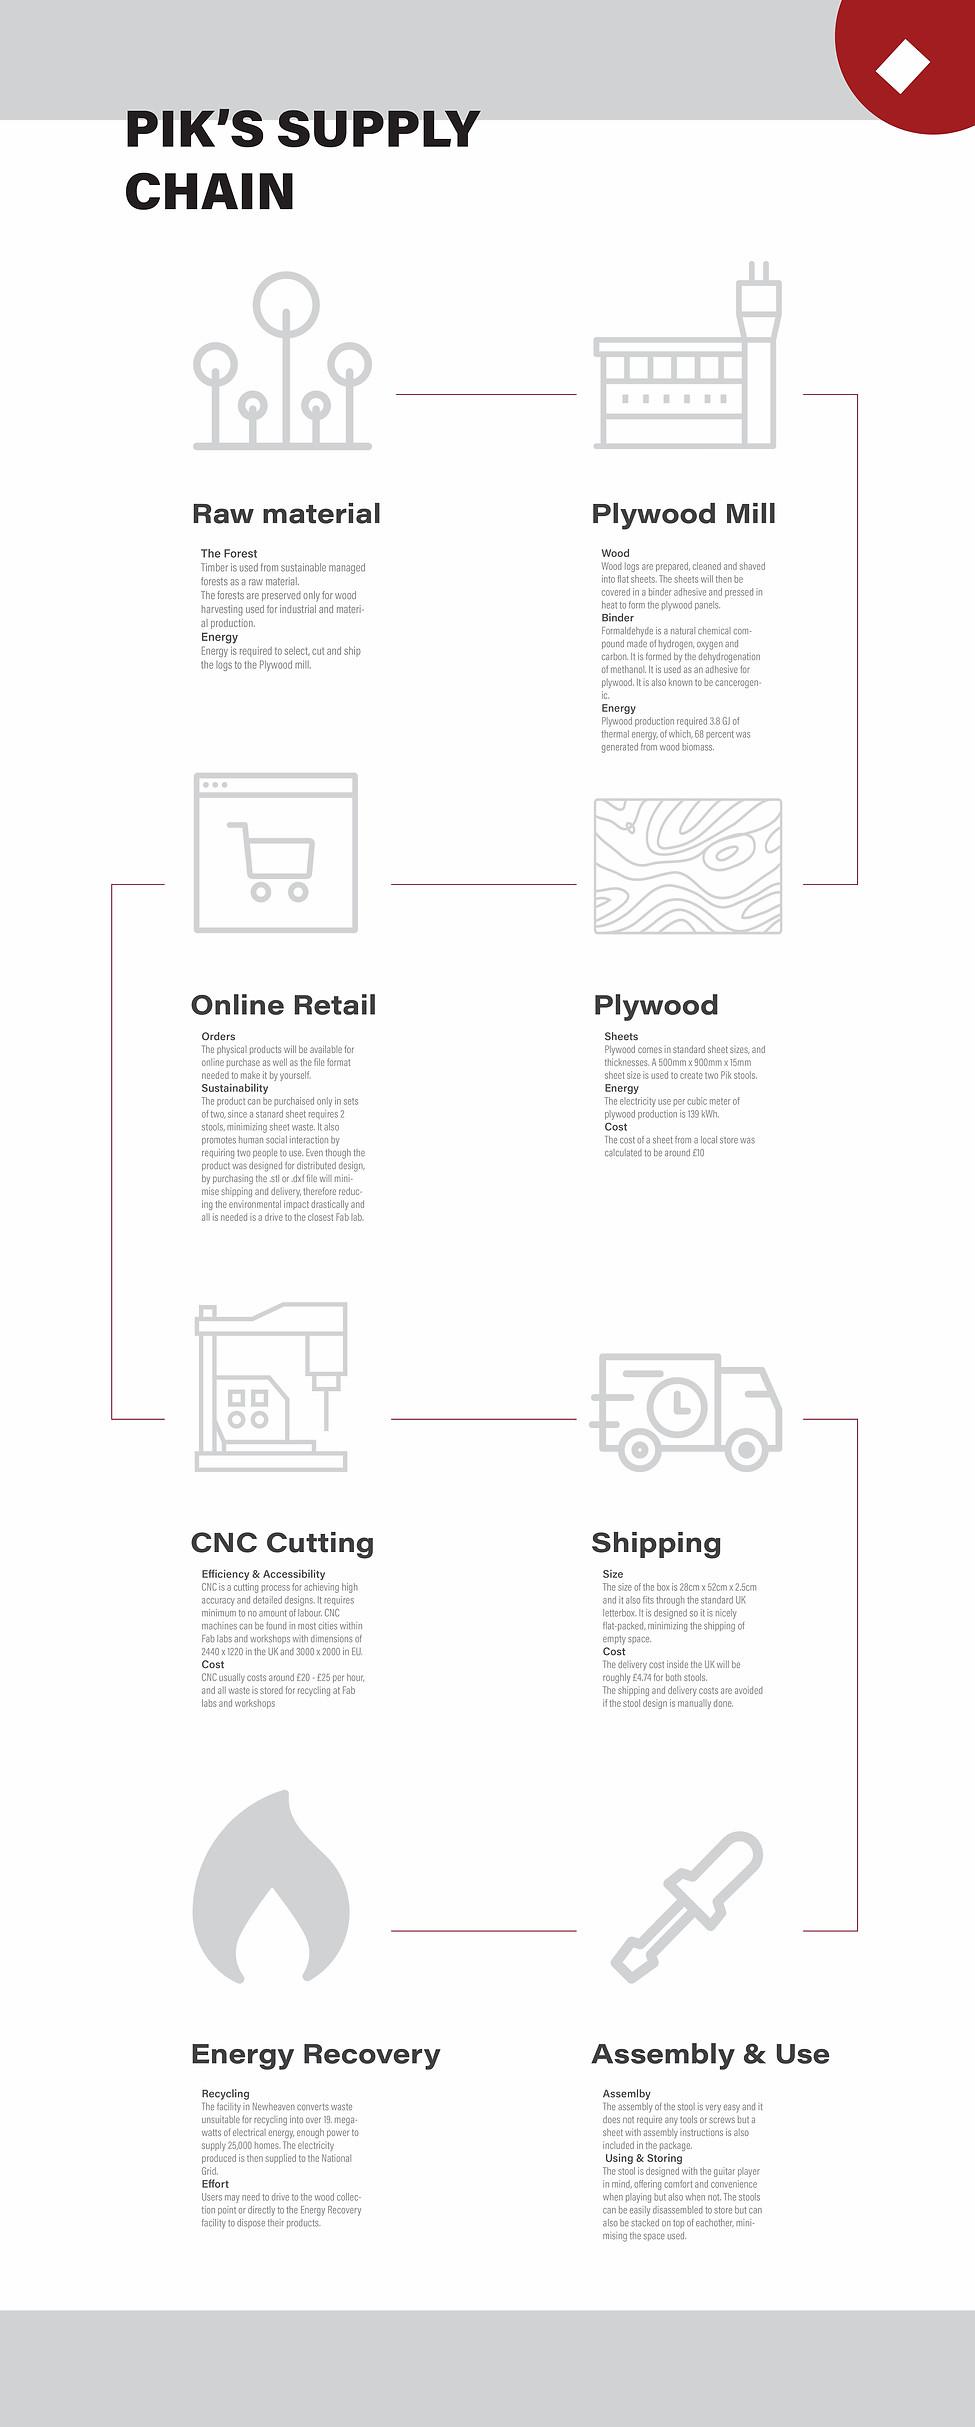 Supply Chain Final Pik.jpg